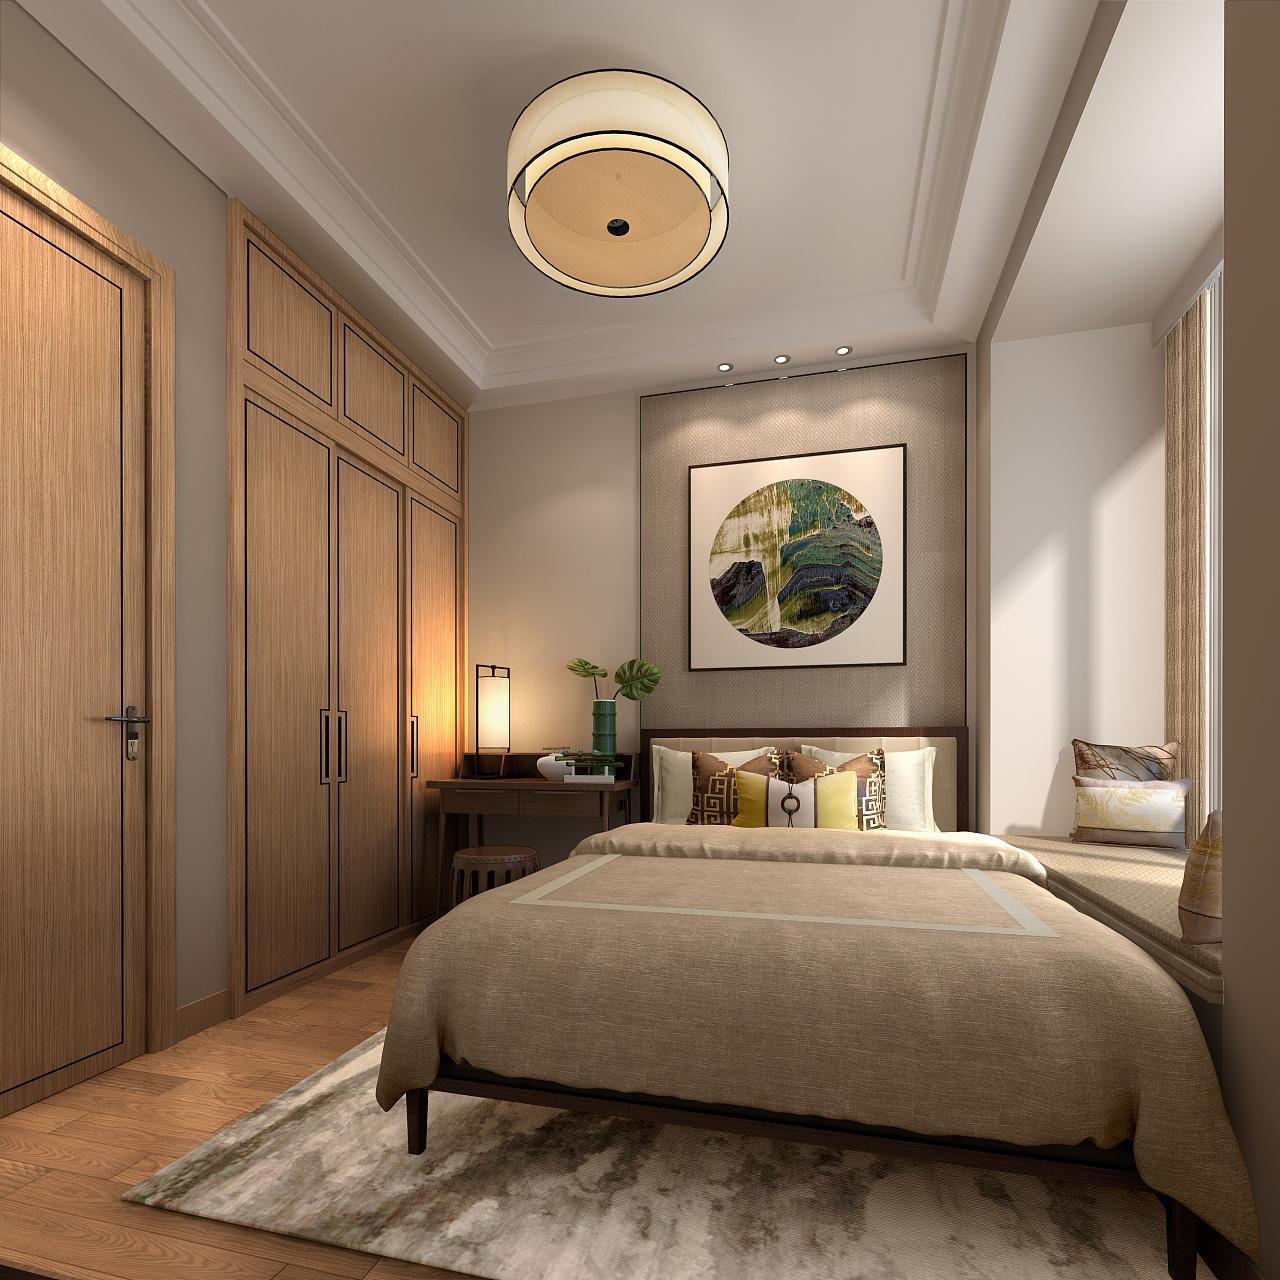 30m,56m,60m住宅三维空间概念设计